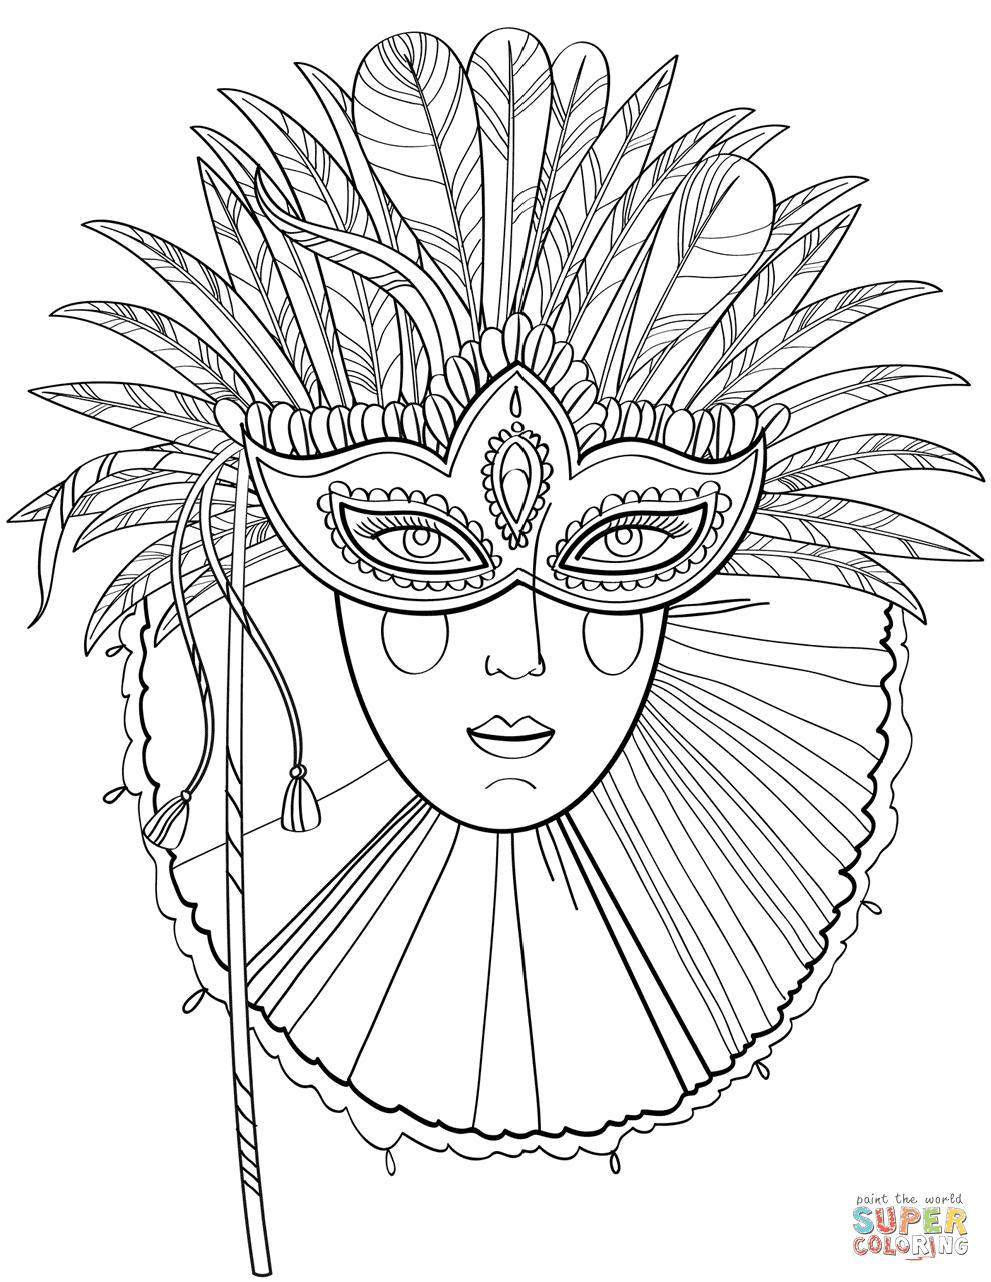 Kleurplaten Carnaval A4.Kleurplaten Van Carnaval Maskers Krijg Duizenden Kleurenfoto S Van